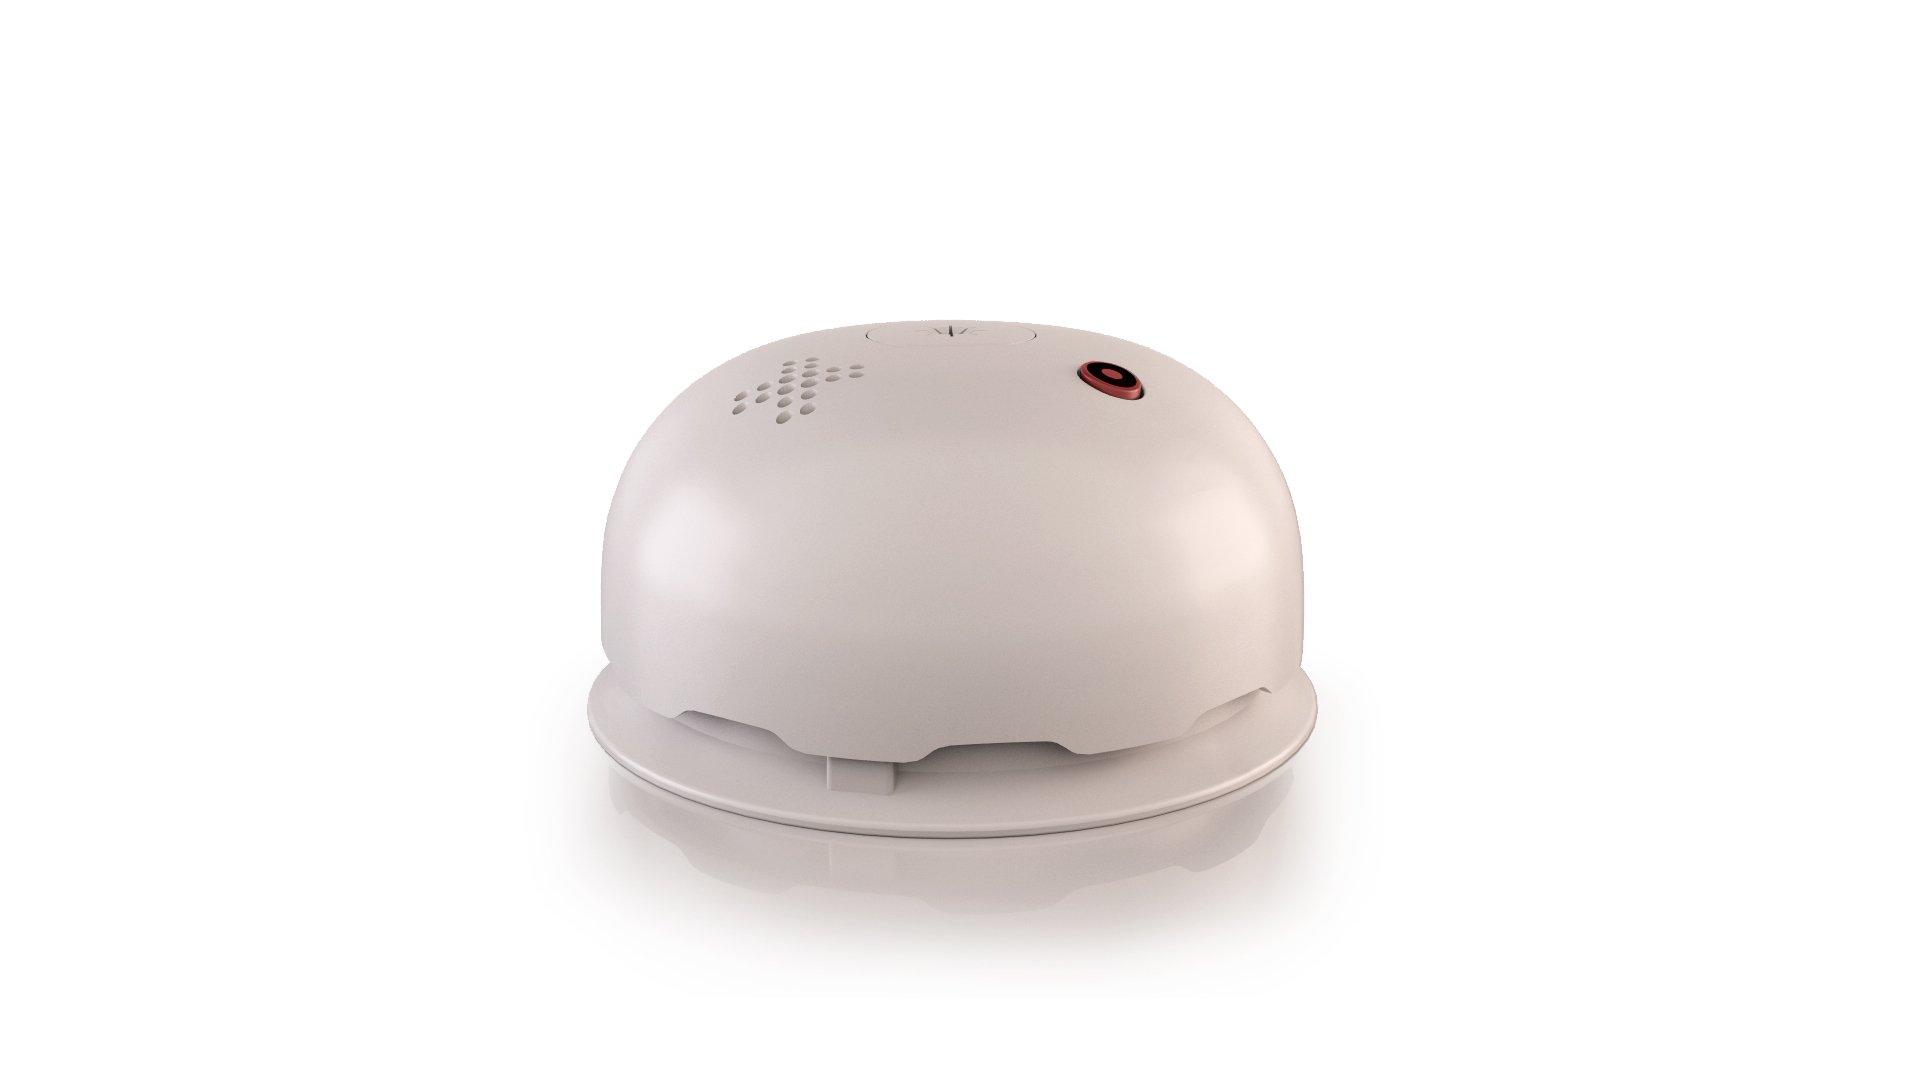 Lumens Basic Blanc/Blanc - Détecteur de fumée qui remplace votre socle/pavillon luminaire product image